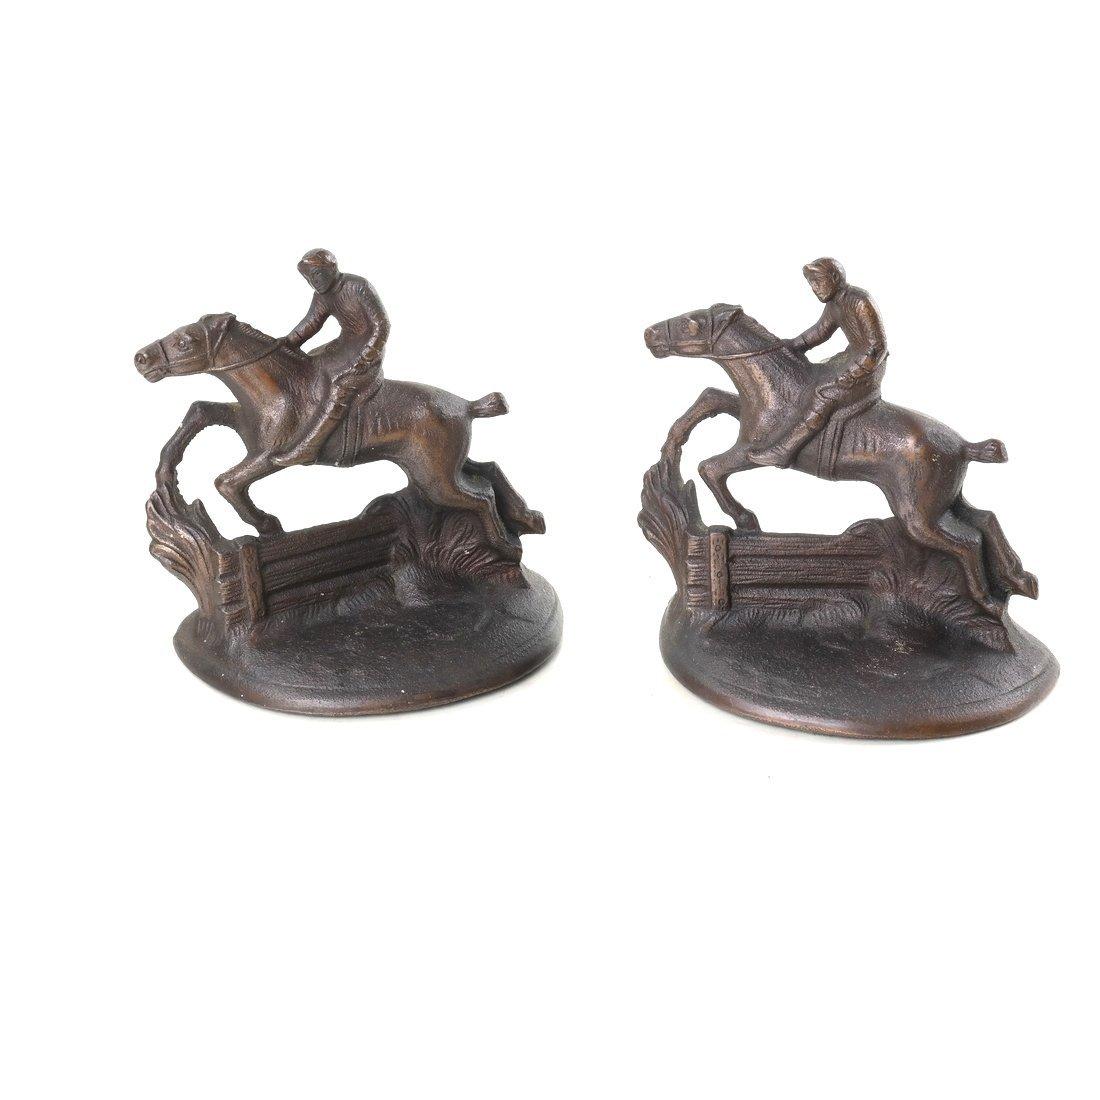 Four Cast Iron Horse Figures - 9